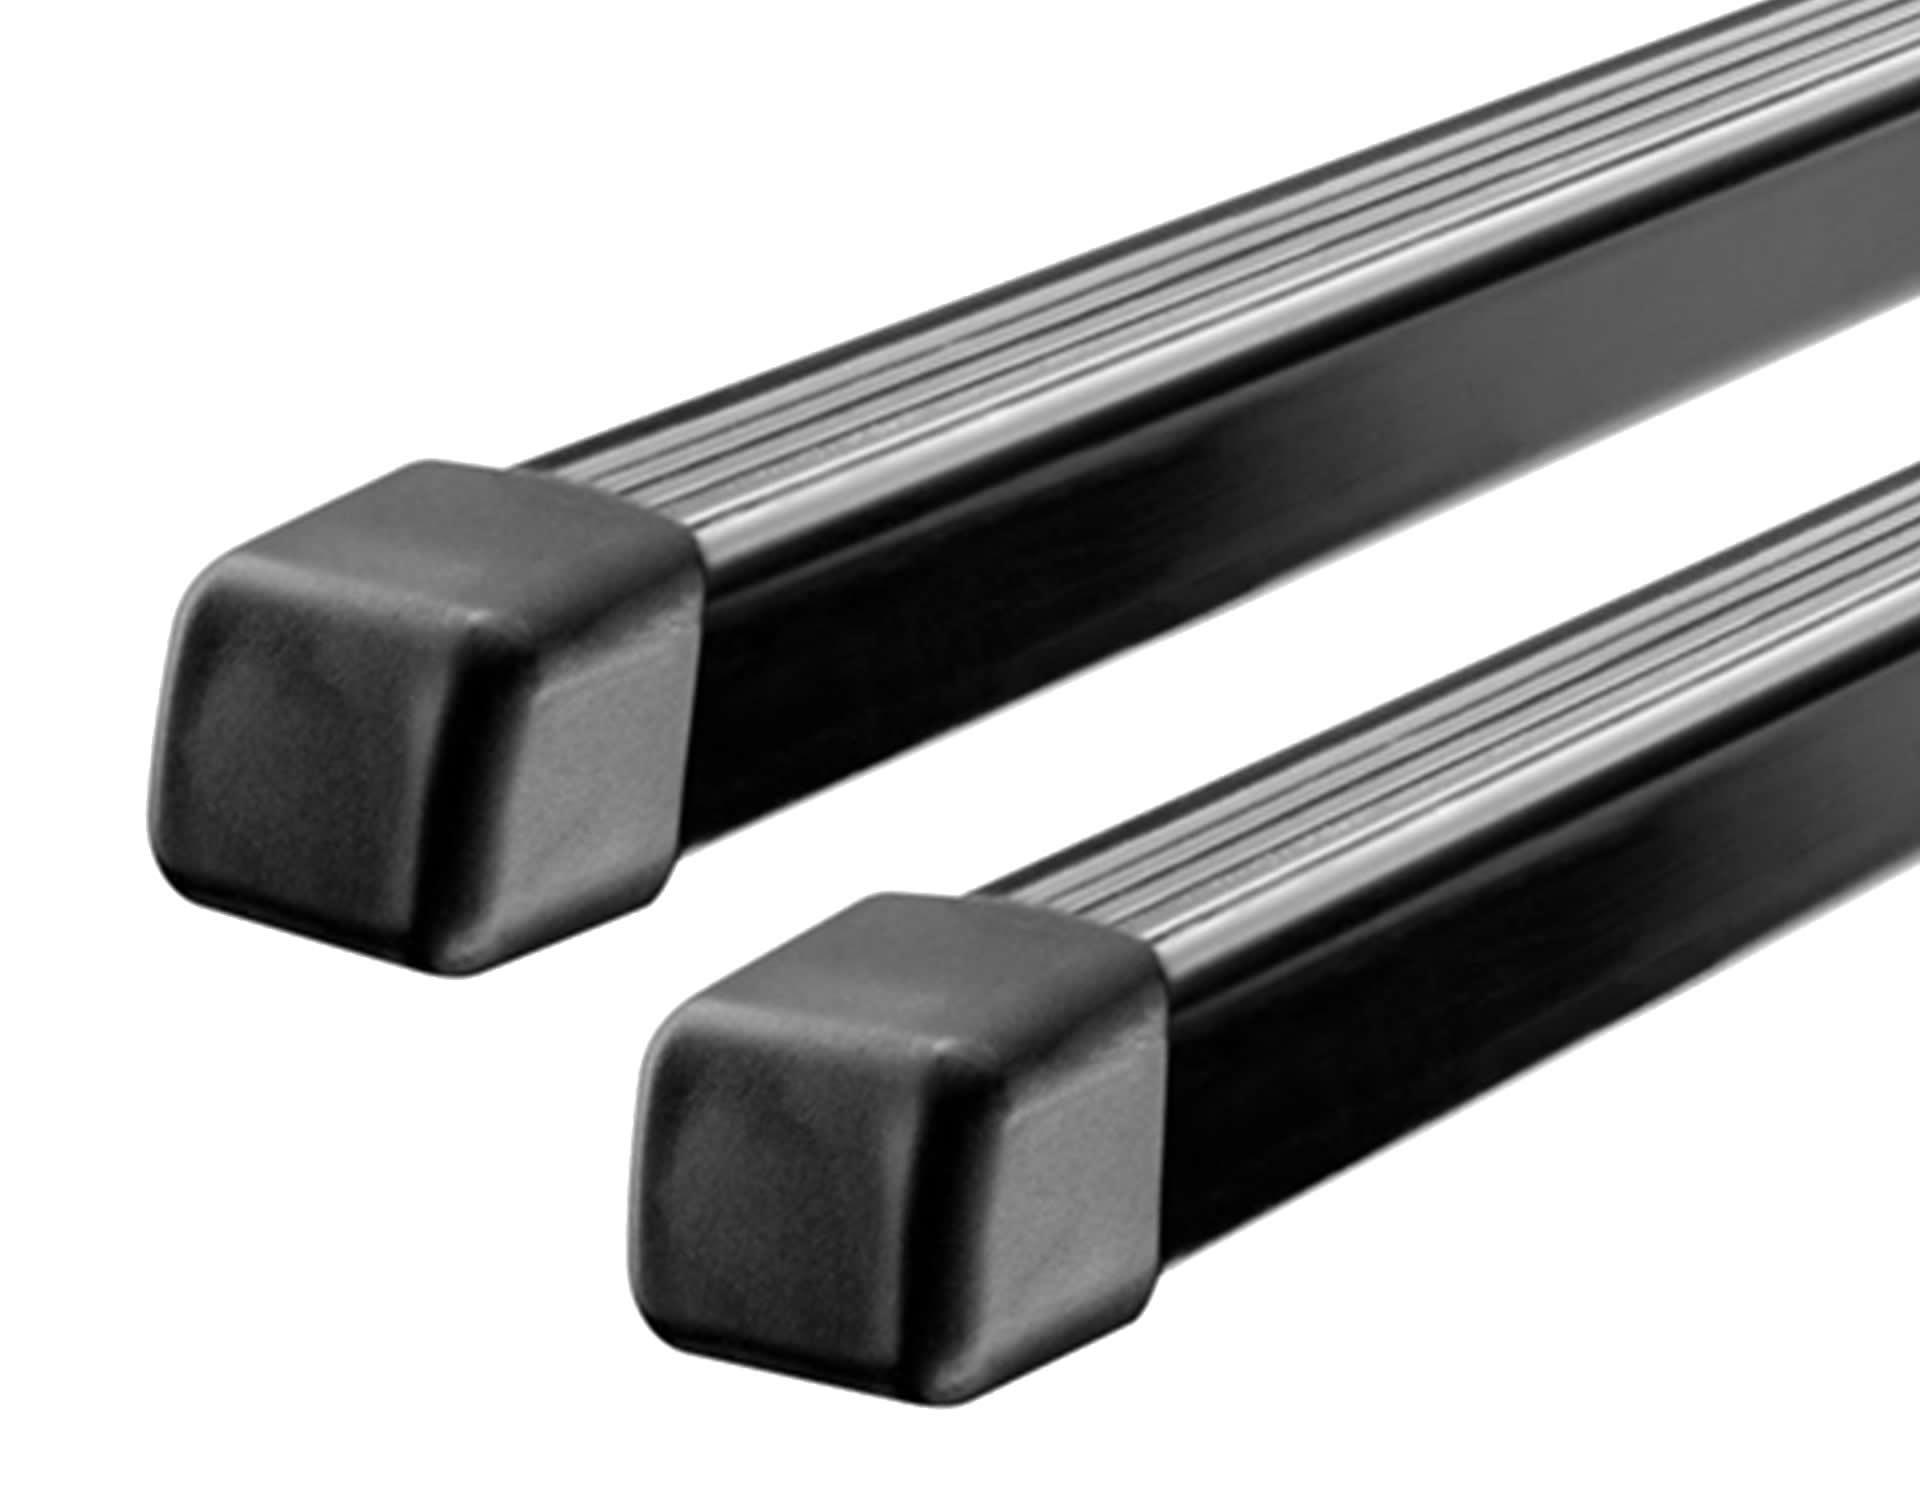 Фото 2: Поперечины сталь (1,63m) Thule SquareBar 765